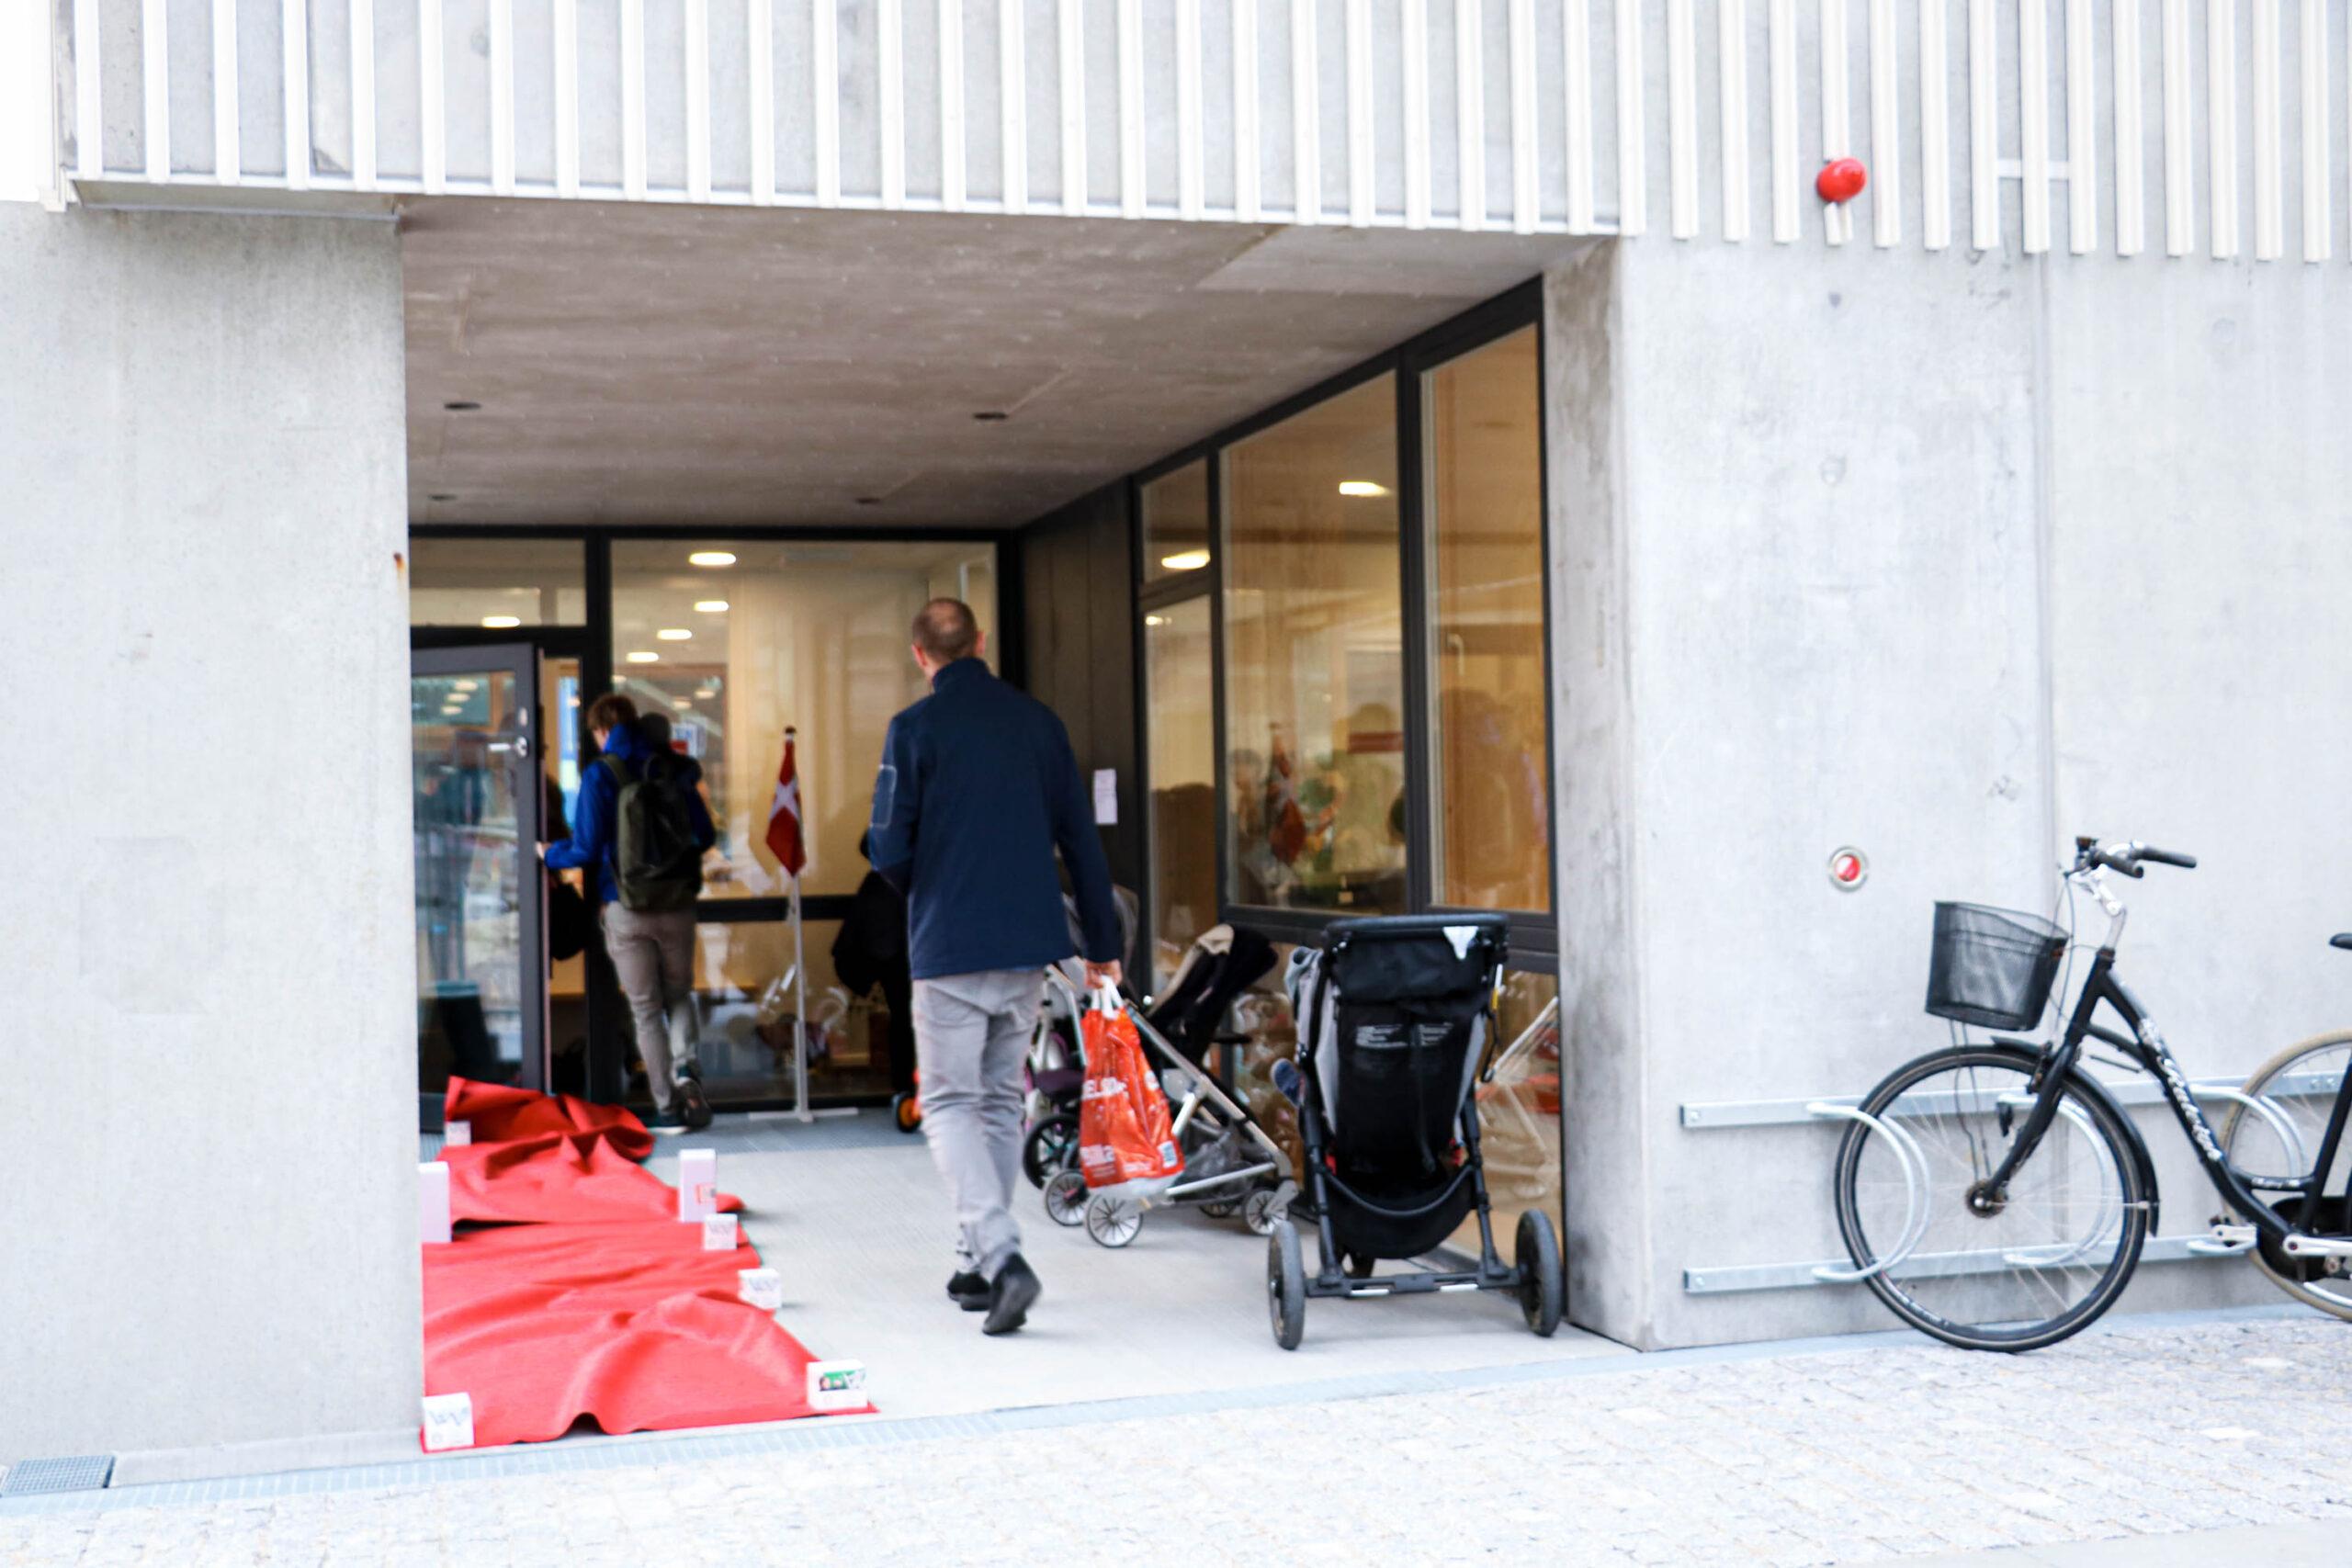 Åbning af Æblekassen - den 16. september 2019